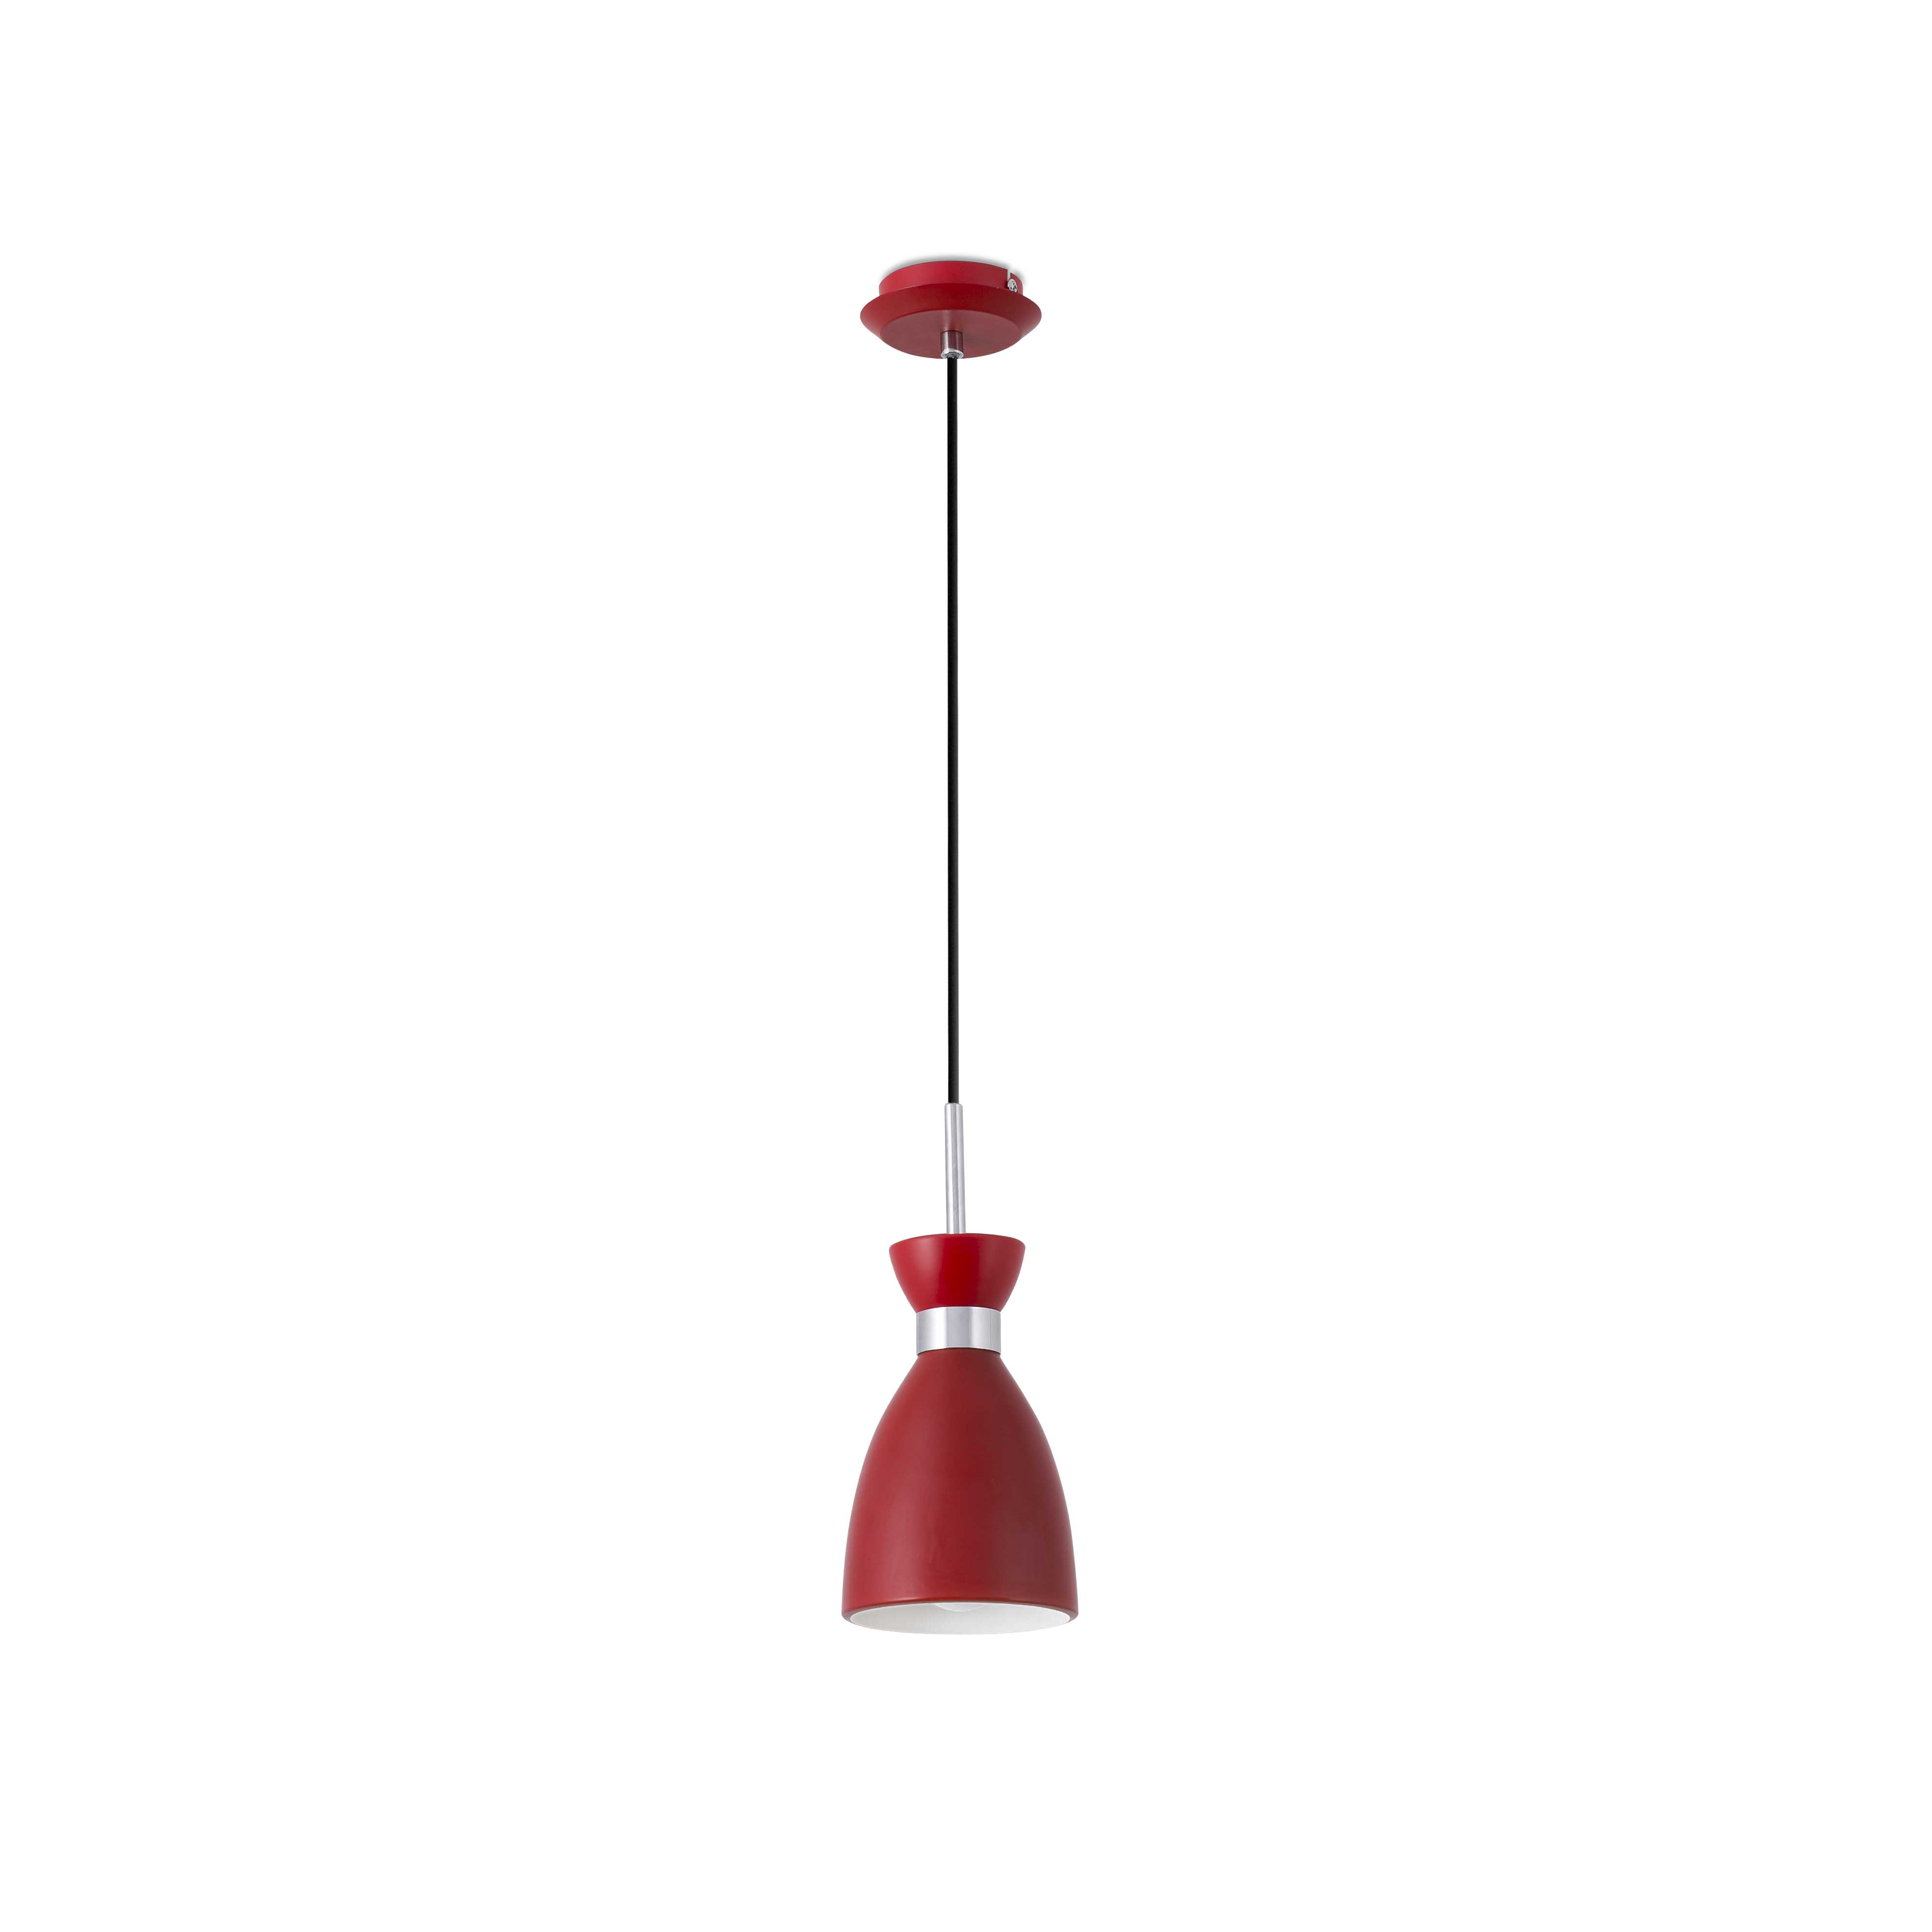 Hanglamp rood retro design E14 20018